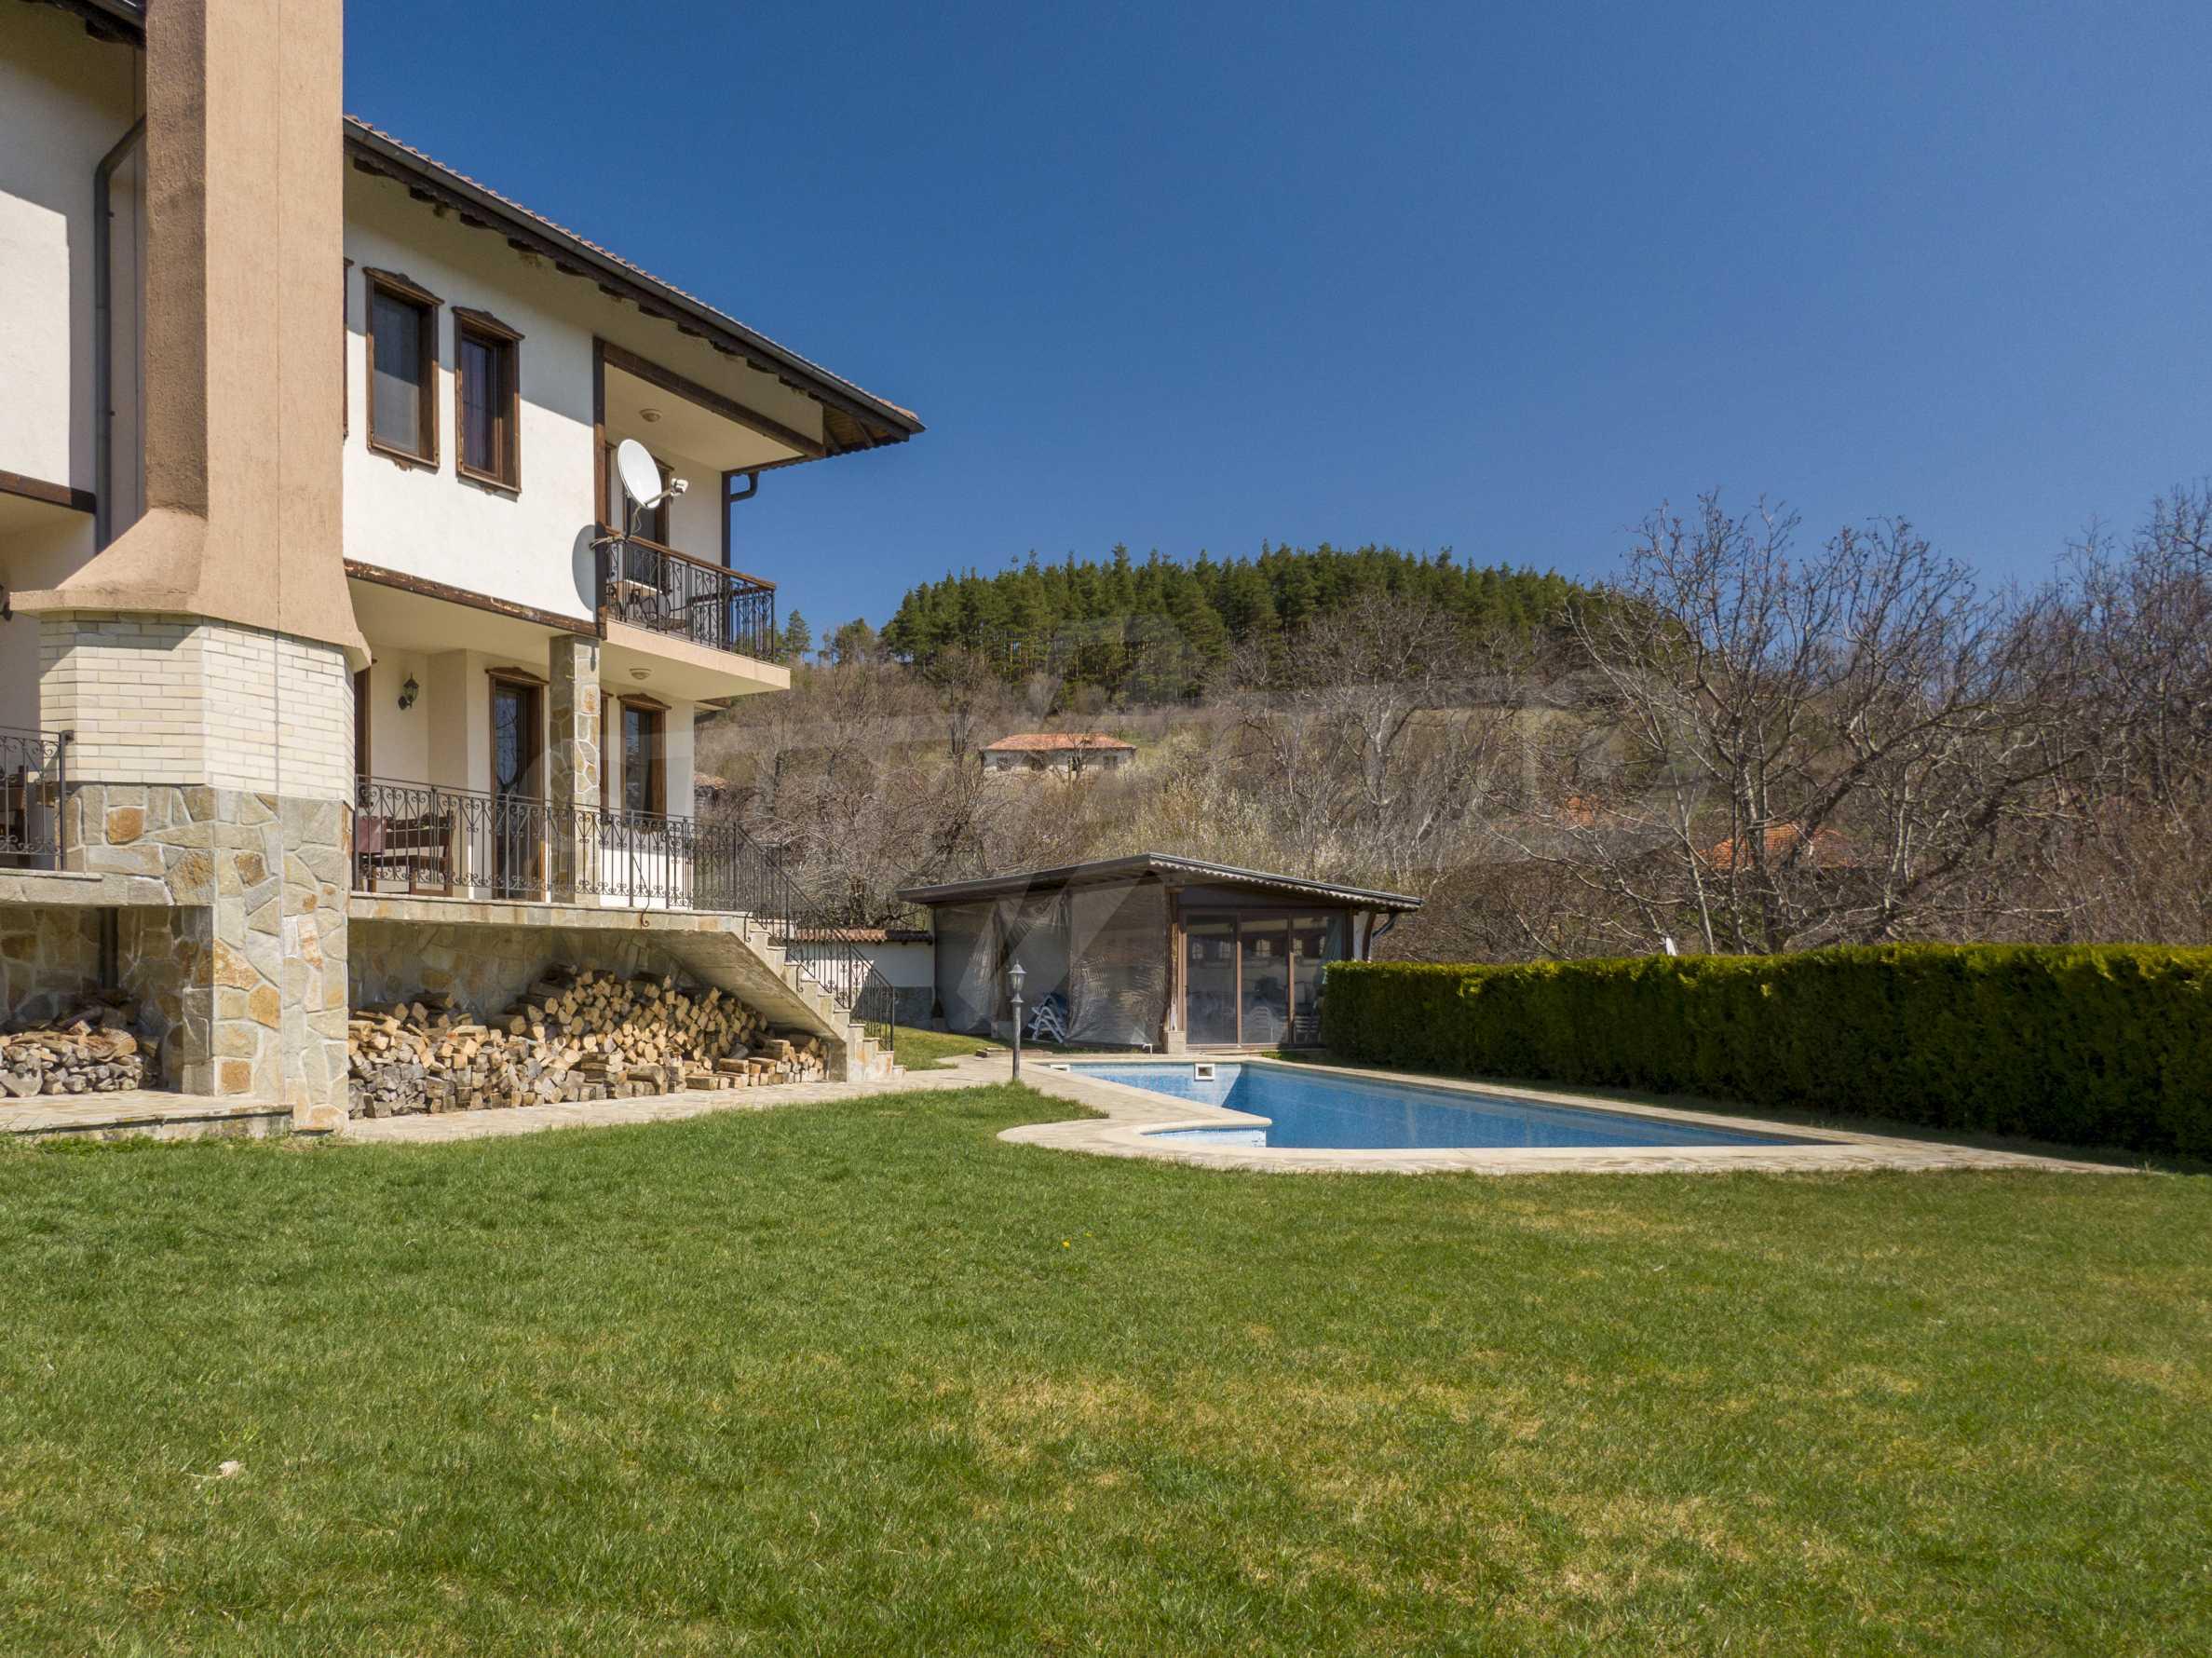 Zwei Doppelhäuser mit Swimmingpool in einem gemeinsamen Hof, nur 5 km vom Yovkovtsi-Damm entfernt 5